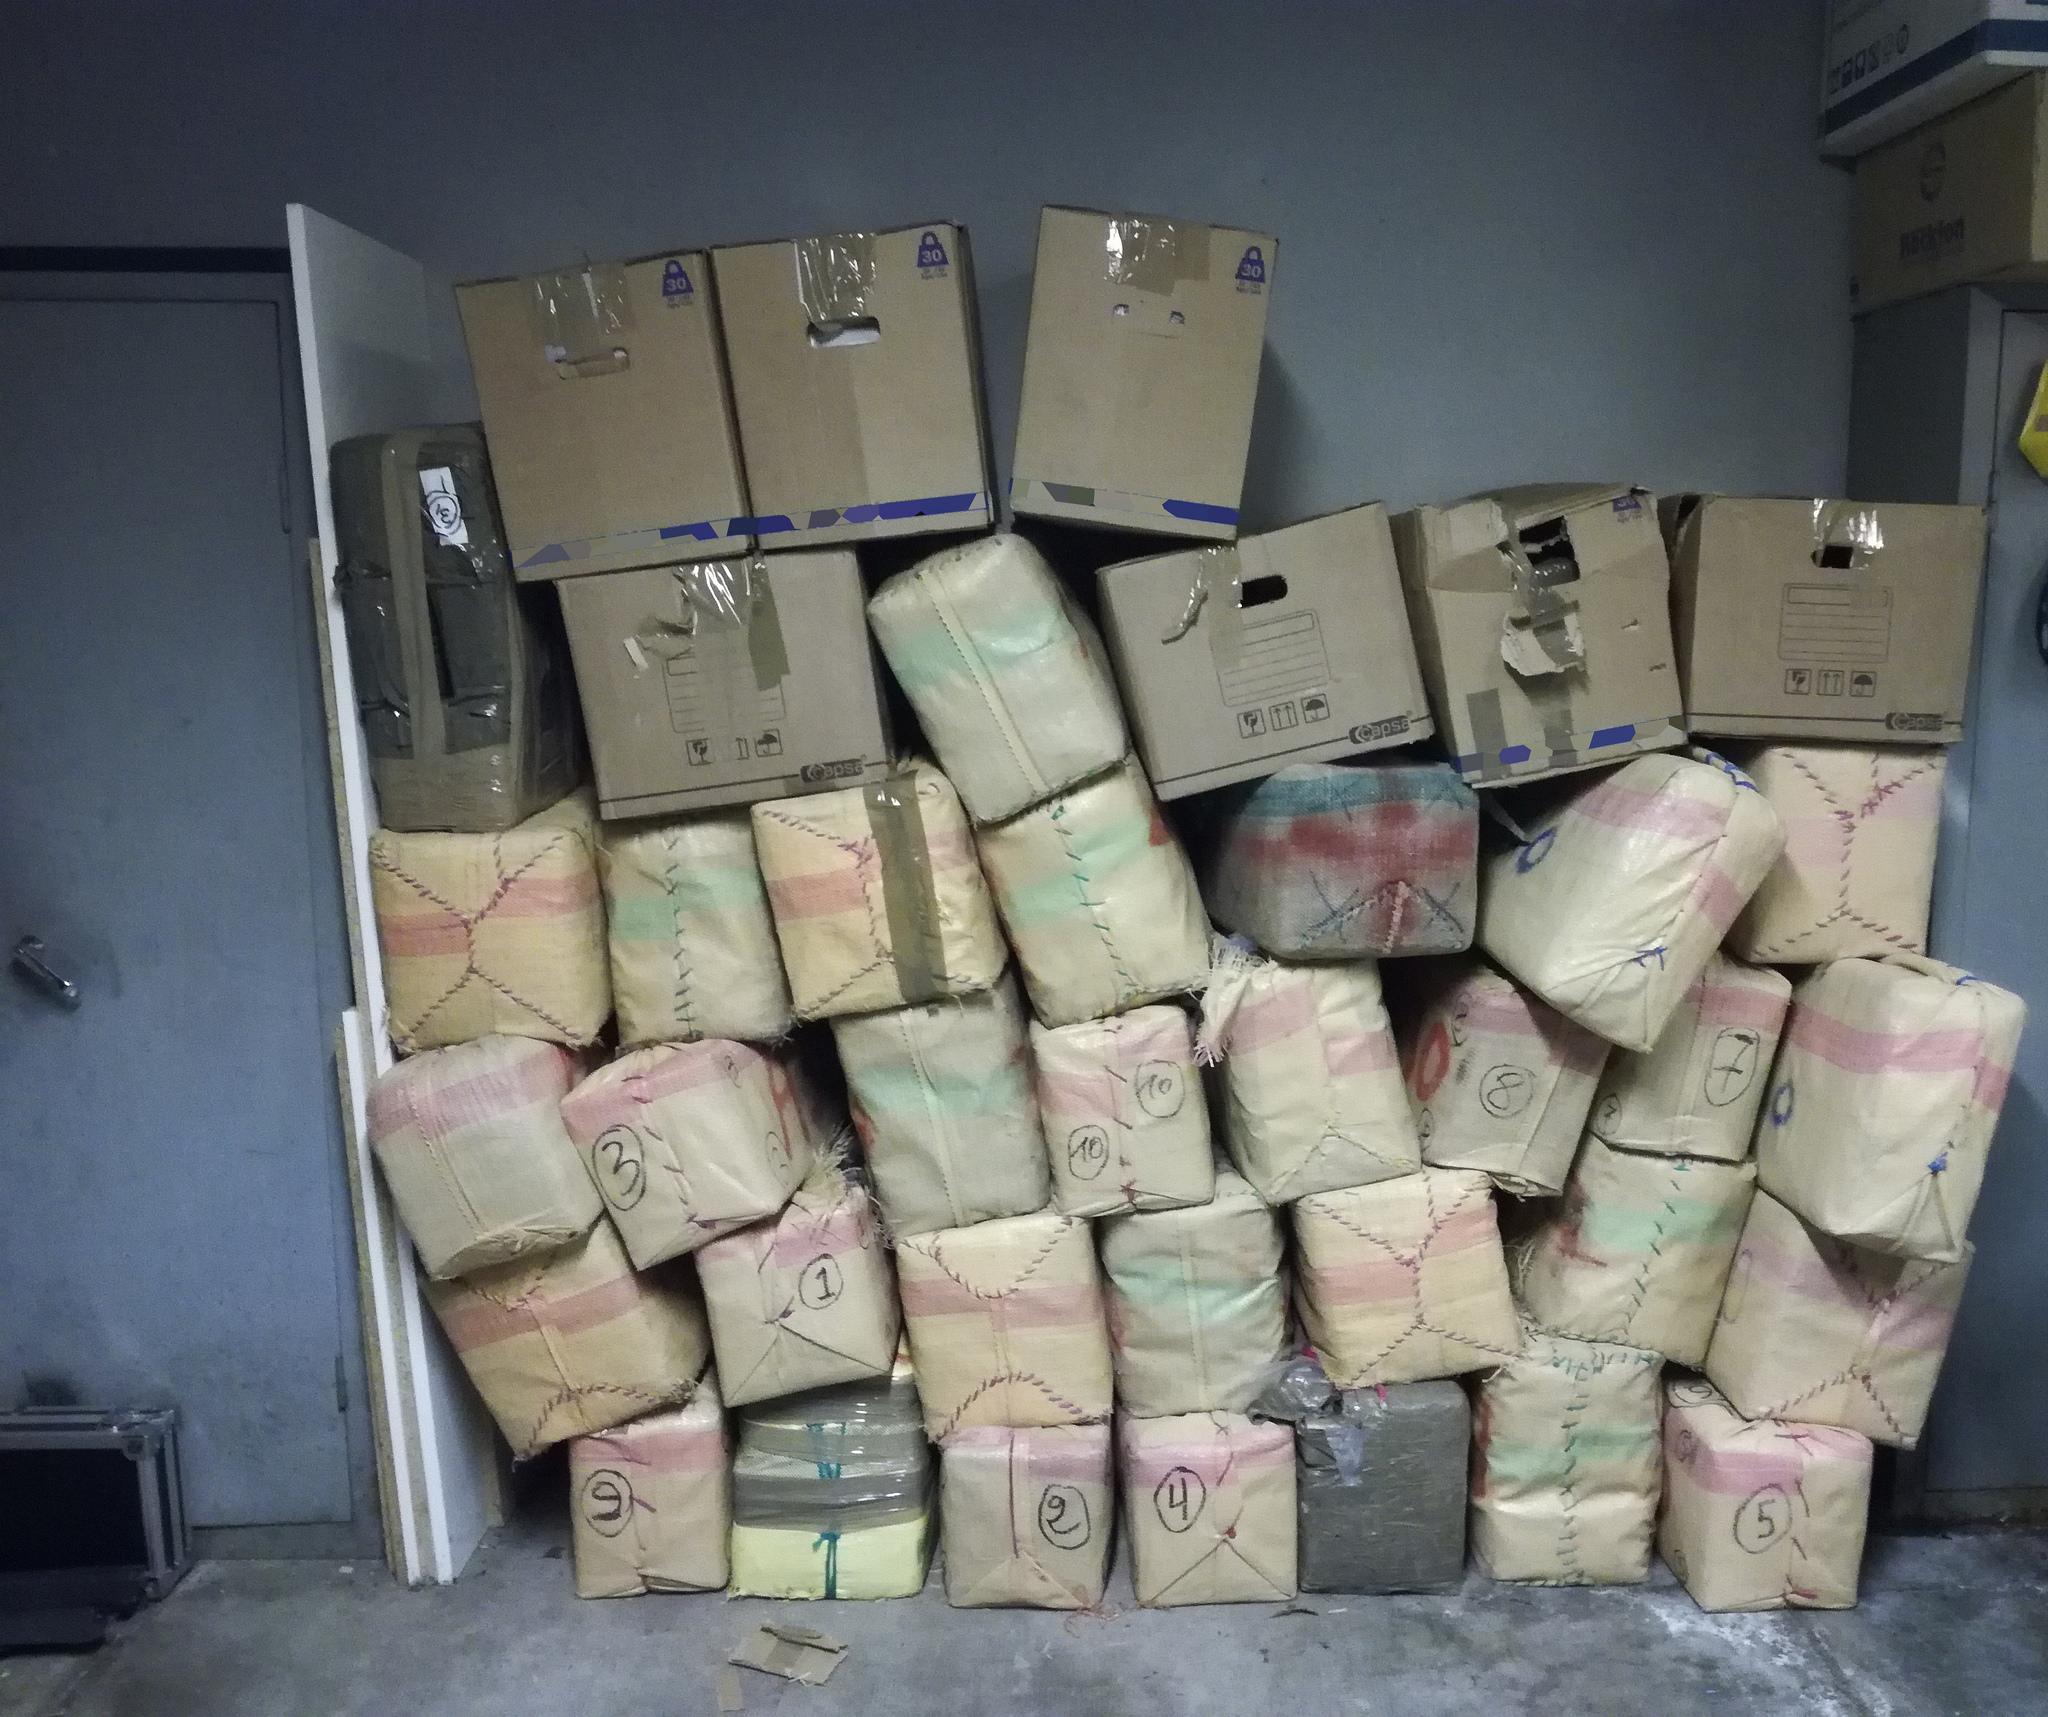 38 cartons renfermant 1 164 kg de résine et 14 kg d'herbe de cannabis étaient dissimulés parmi les céréales (Photo © Douane française)